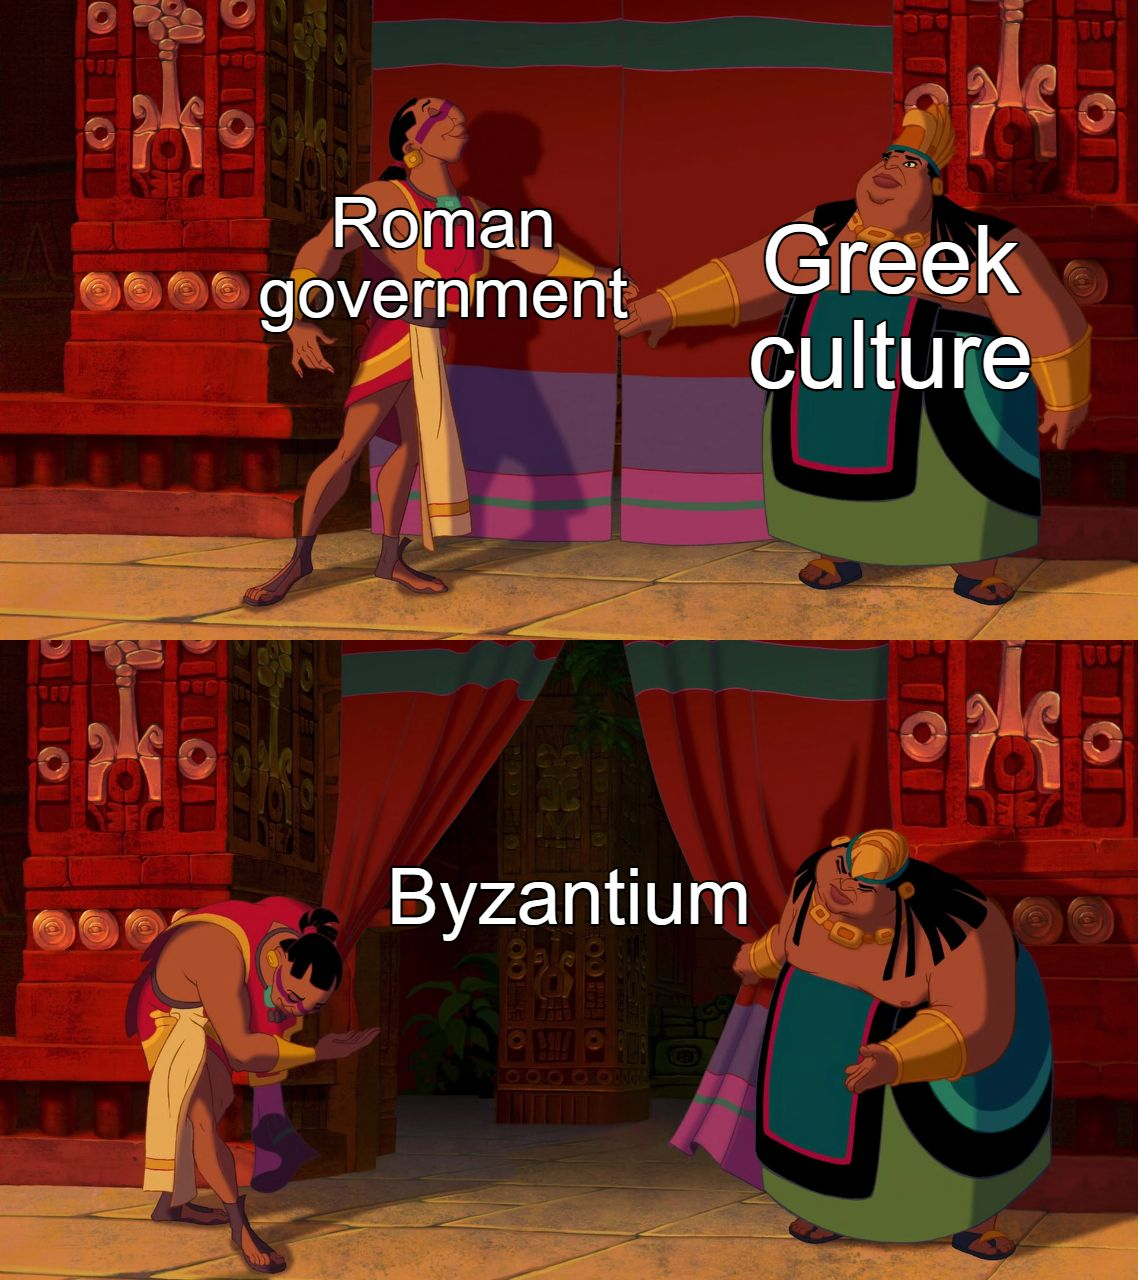 Byzantium based